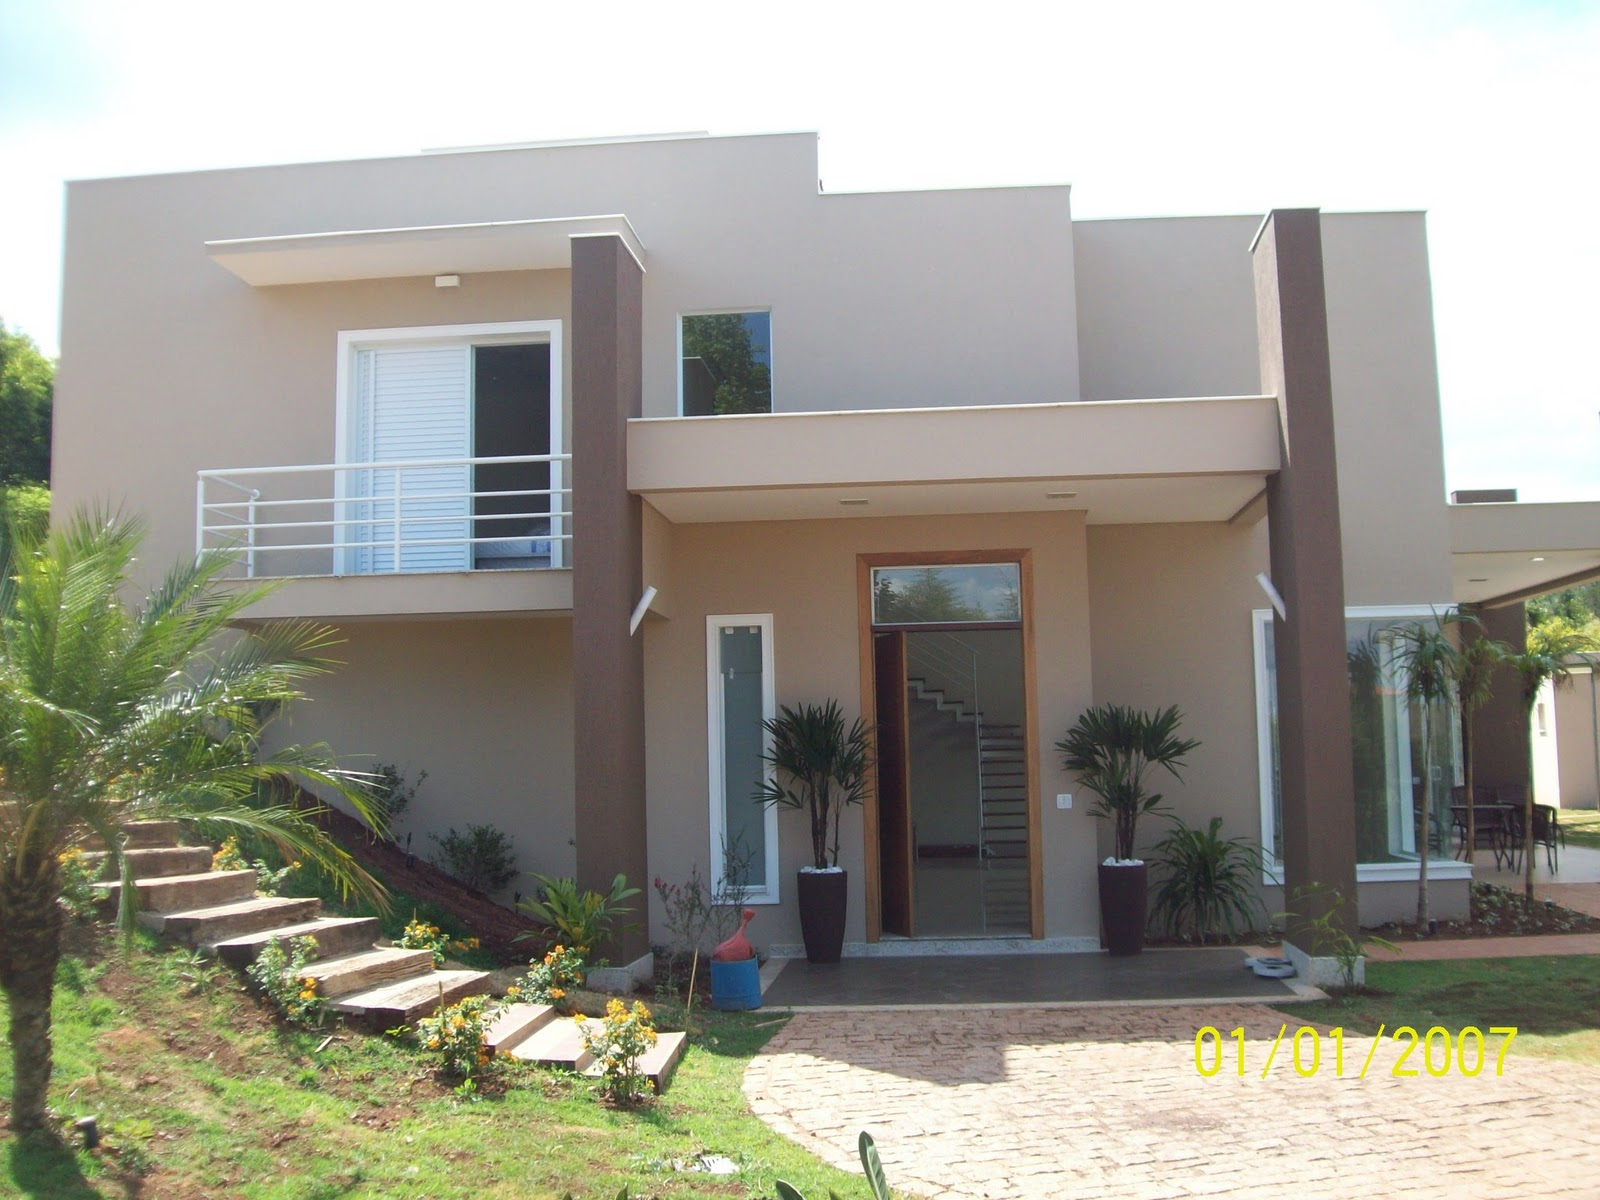 #748843 quarta feira 1 de fevereiro de 2012 4188 Imagens De Casas Com Janelas De Aluminio